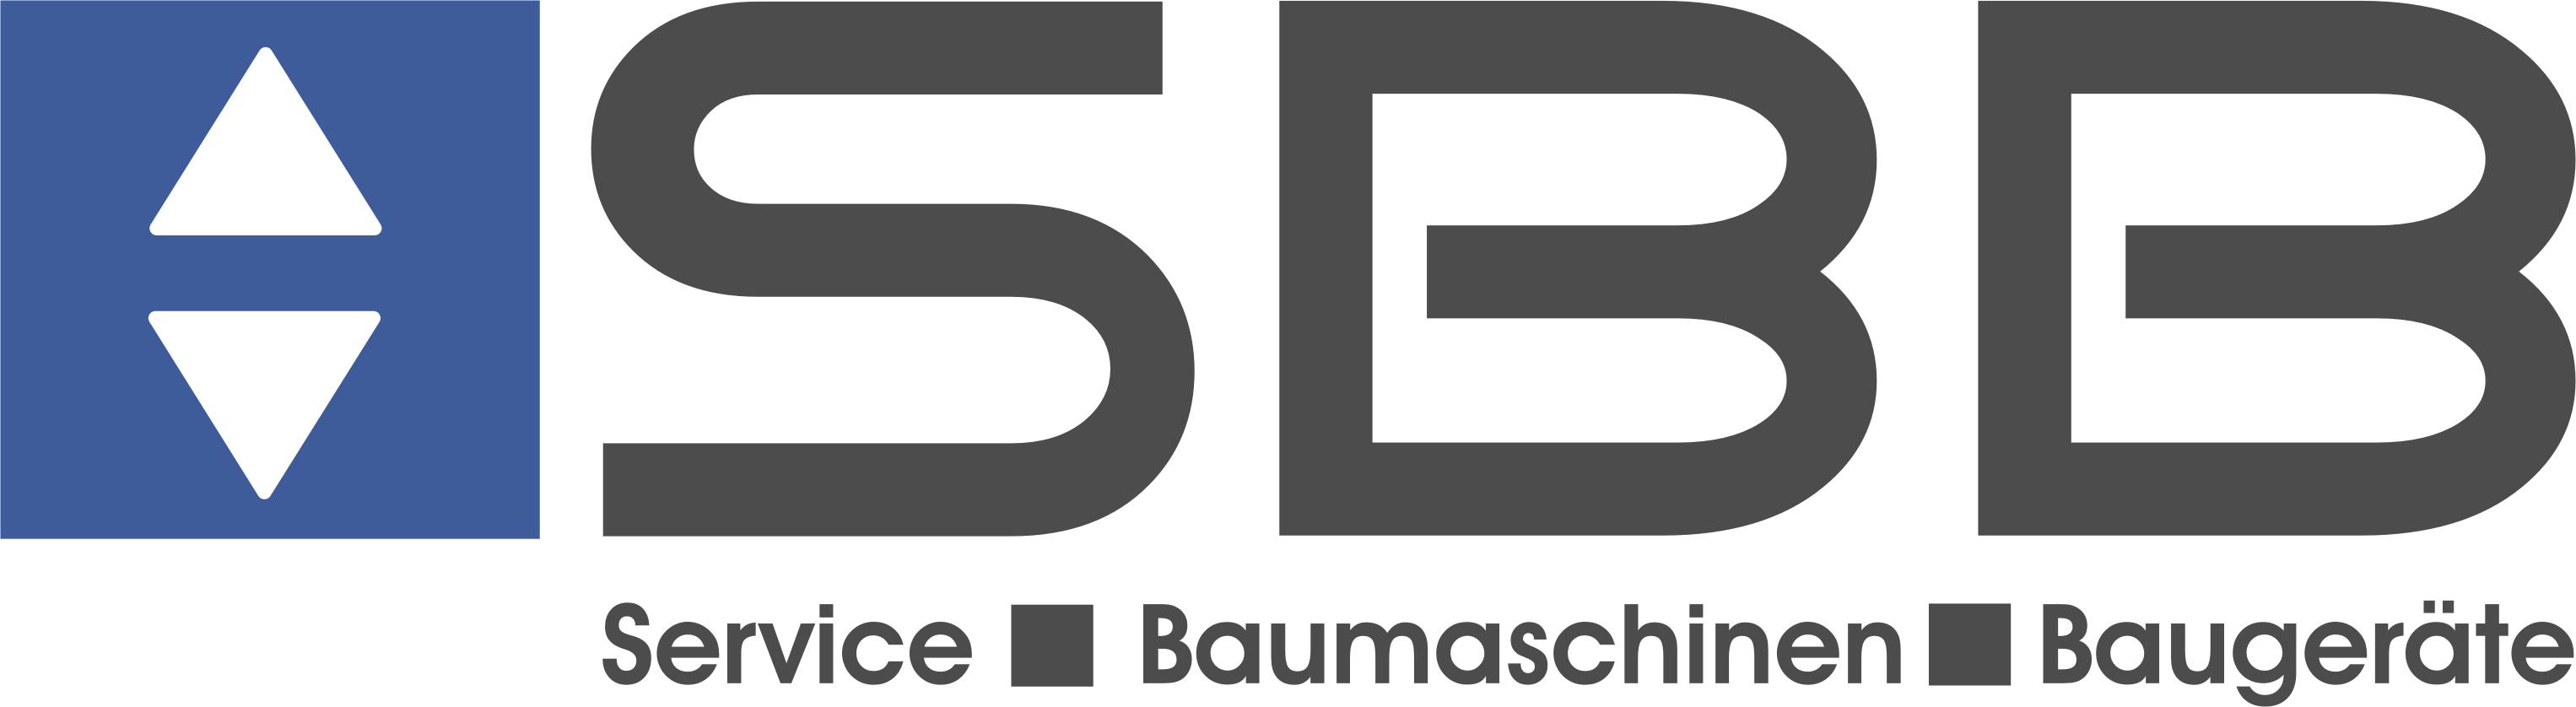 SBB-Baumaschinen und Baugeräte GmbH